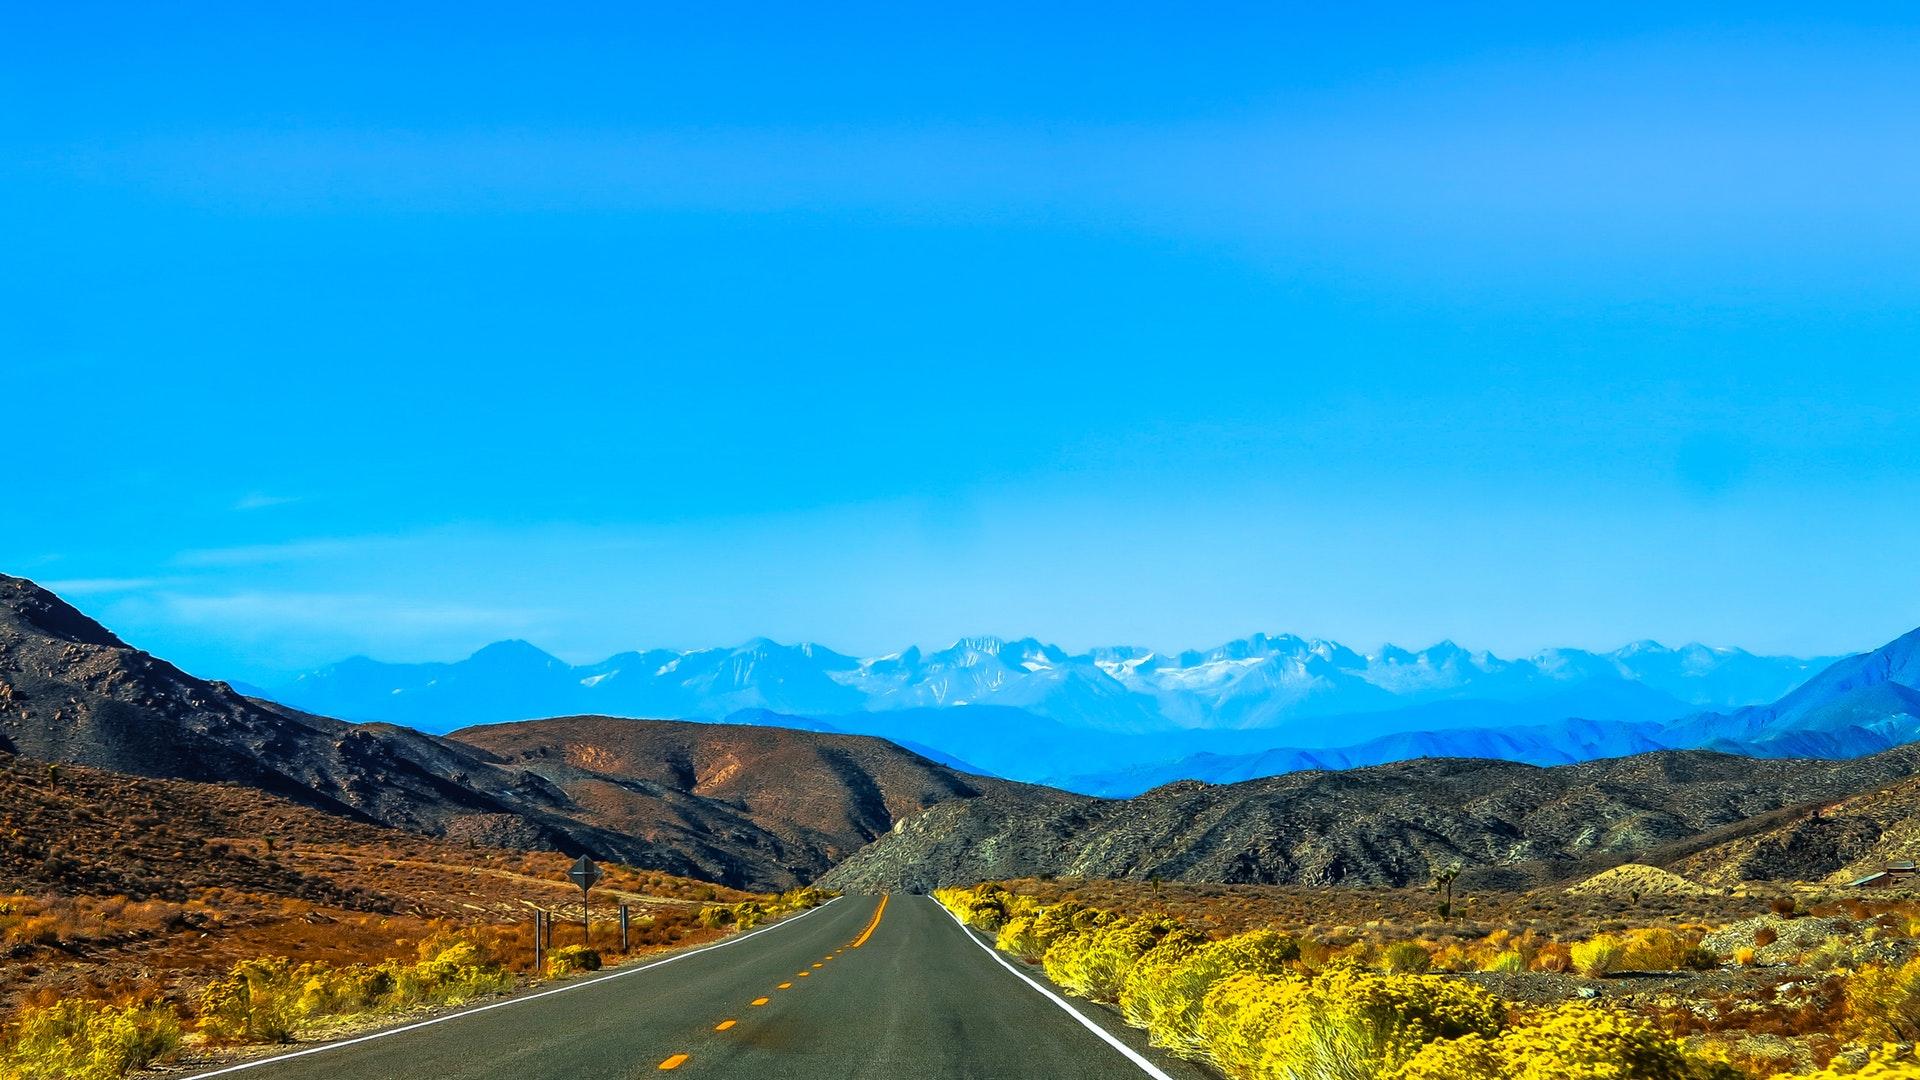 Hình nền đẹp con đường quê hương